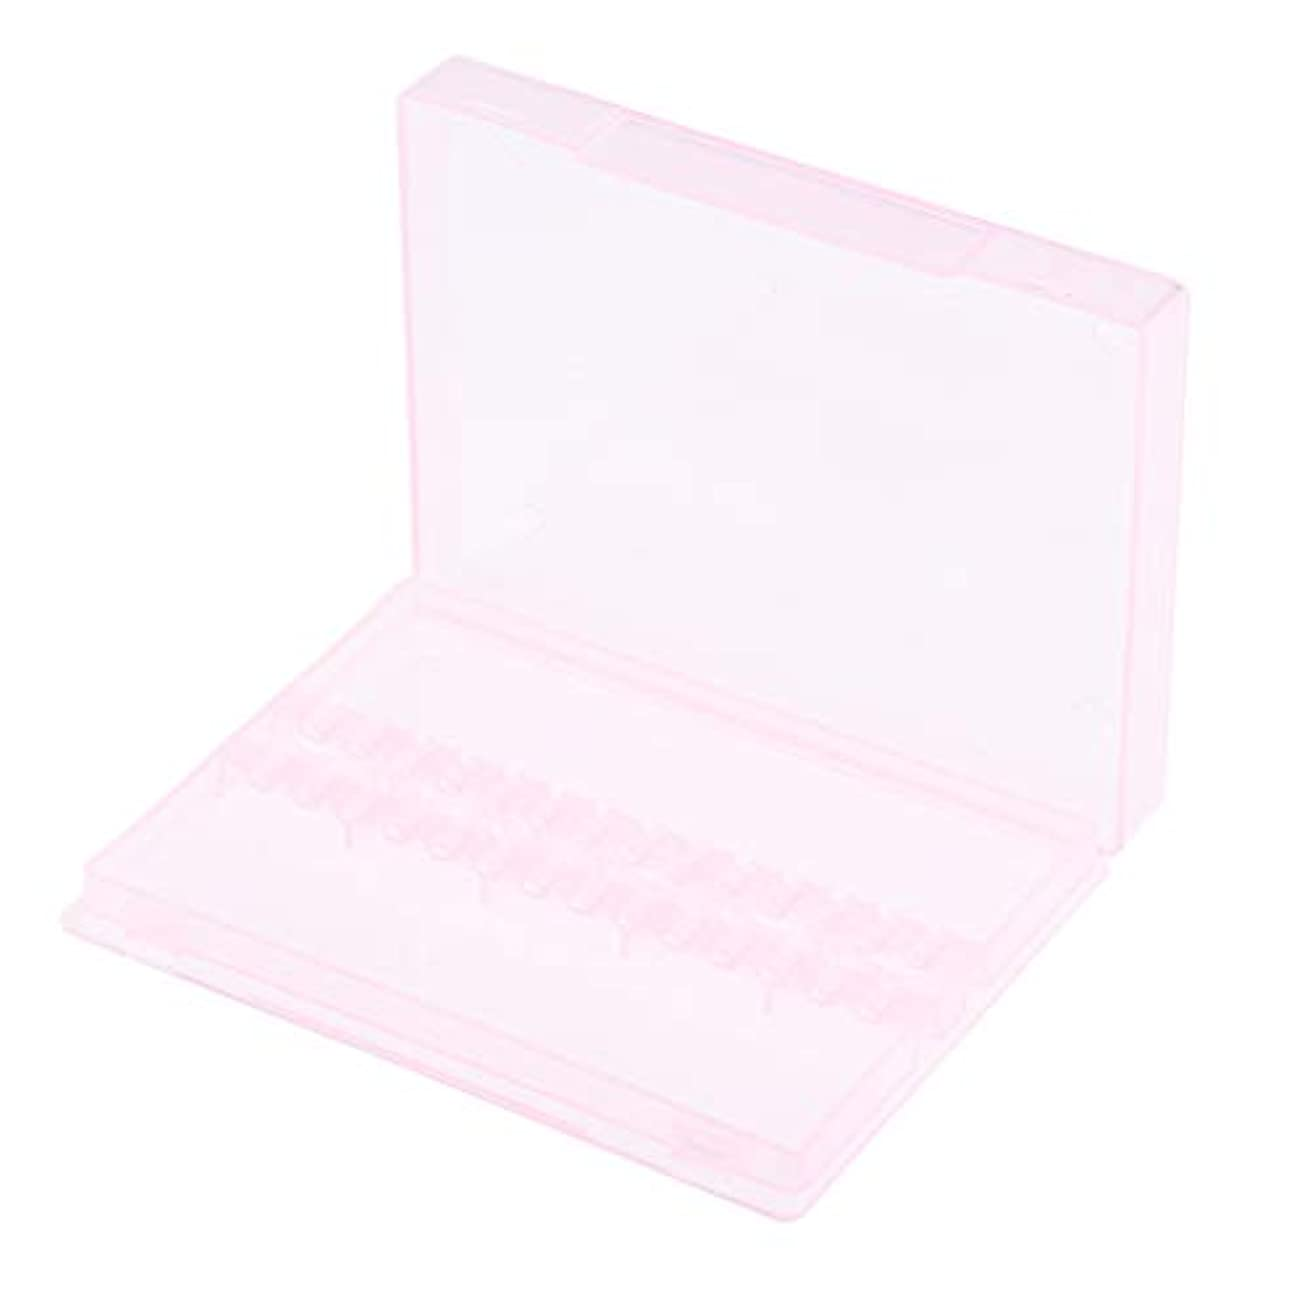 差別する免疫厚さF Fityle ネイルアート ドリルビットホルダー 空ボックス 収納ケース 2色選べ - ピンク